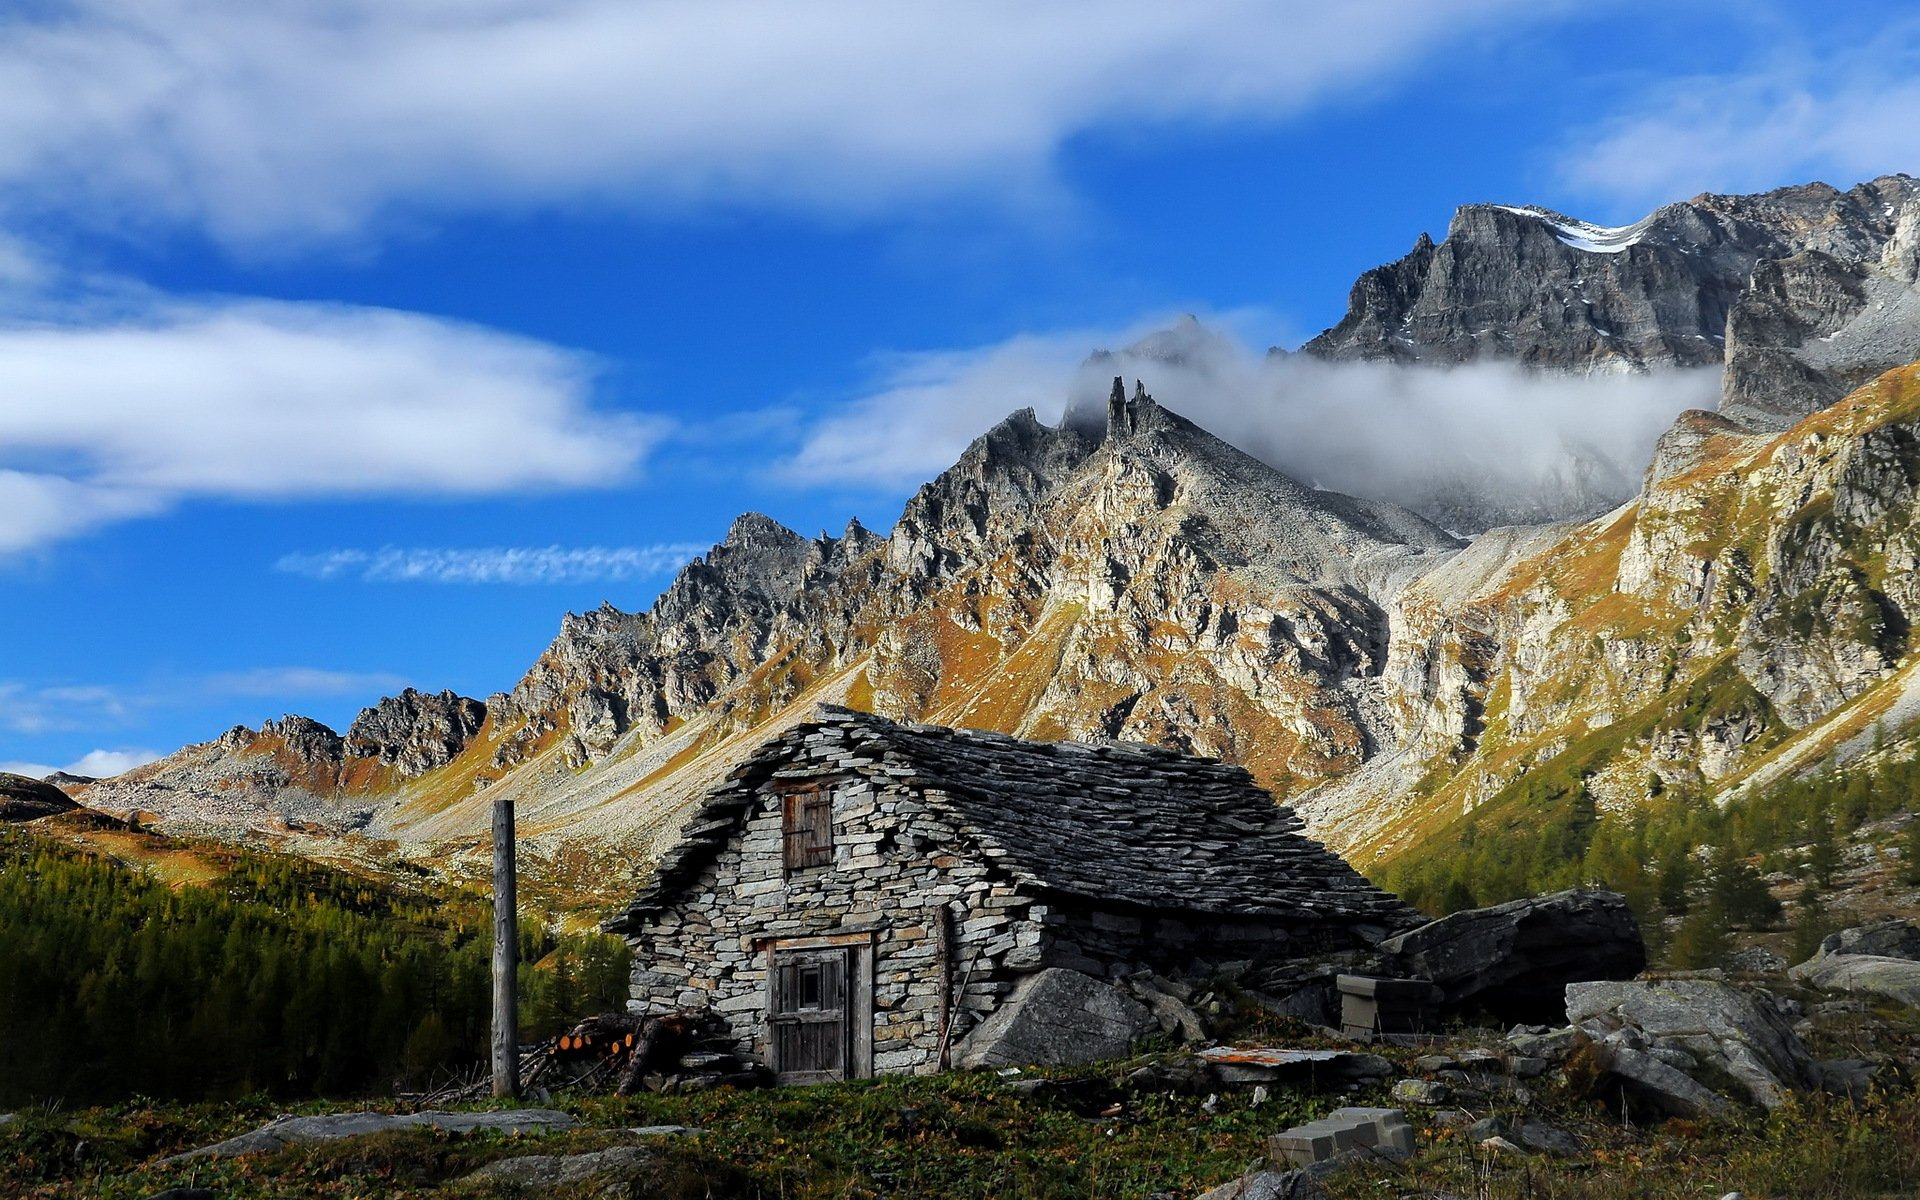 Картинки домов в горах